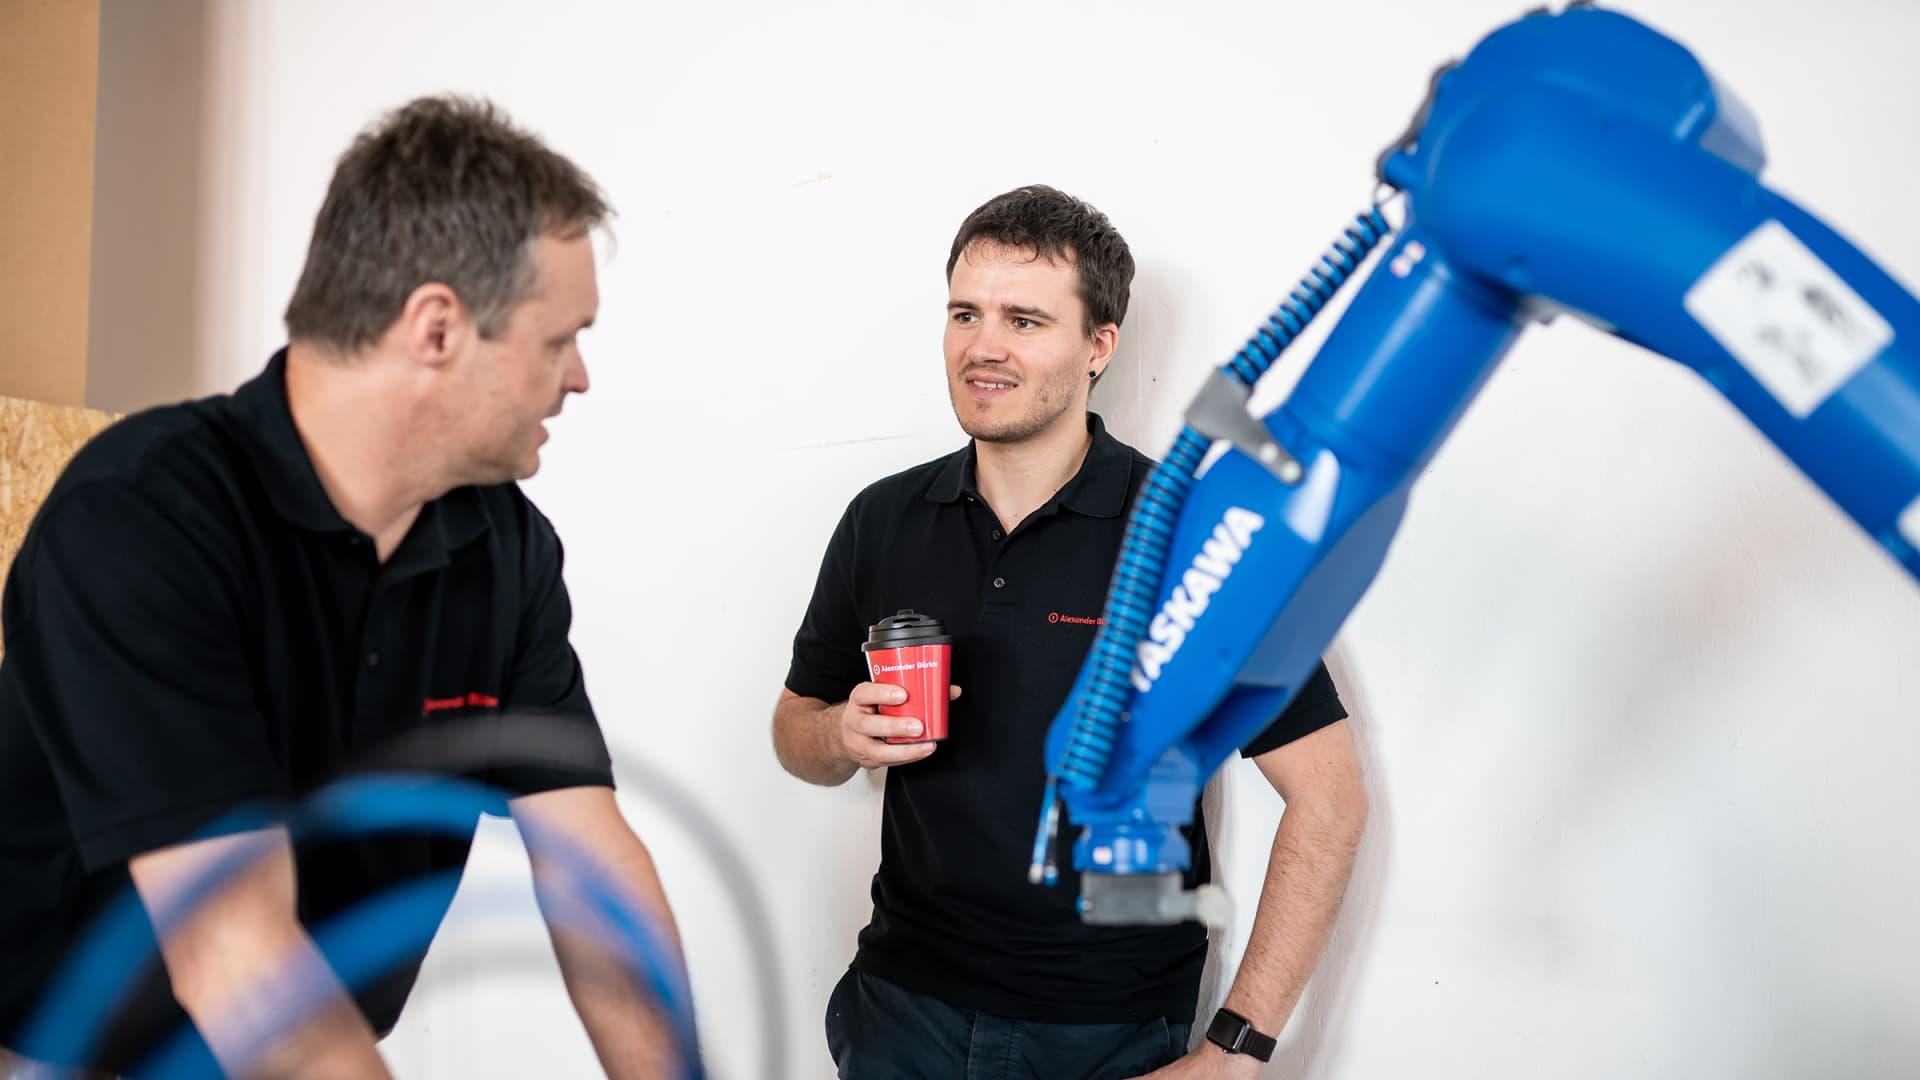 Arbeiten - Alexander Bürkle robotic solutions